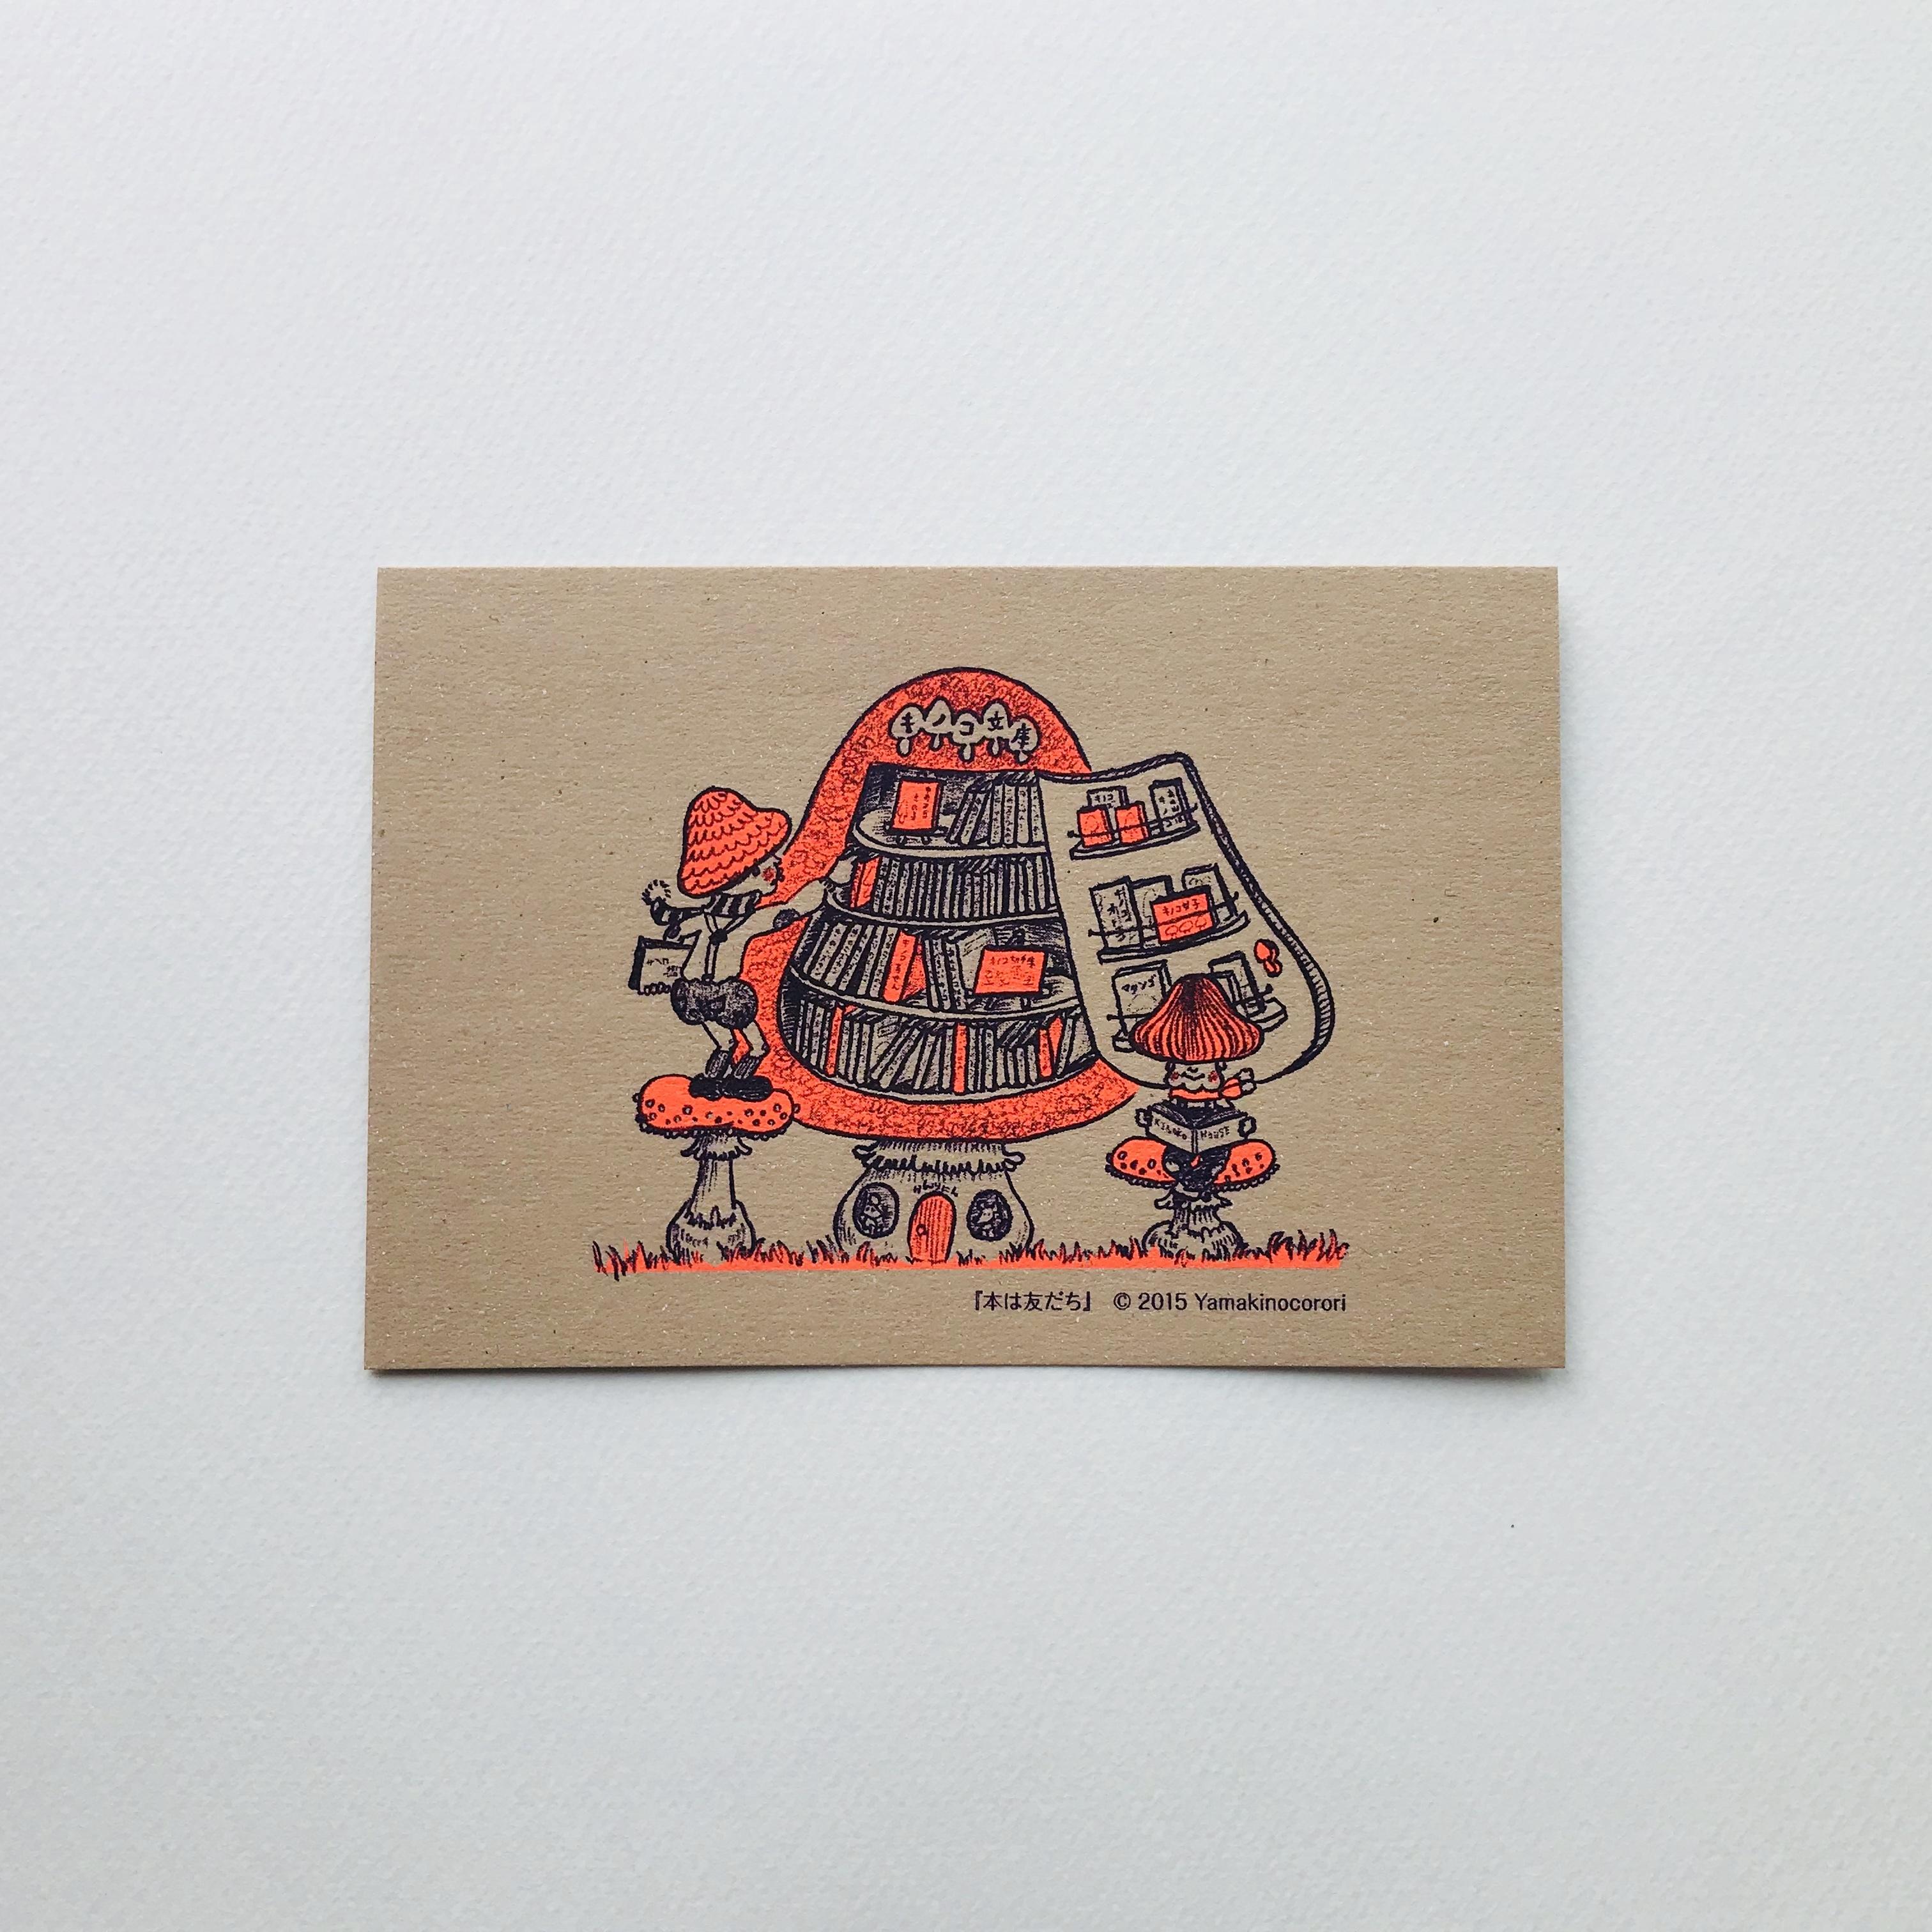 【ポストカード】キノコ文庫